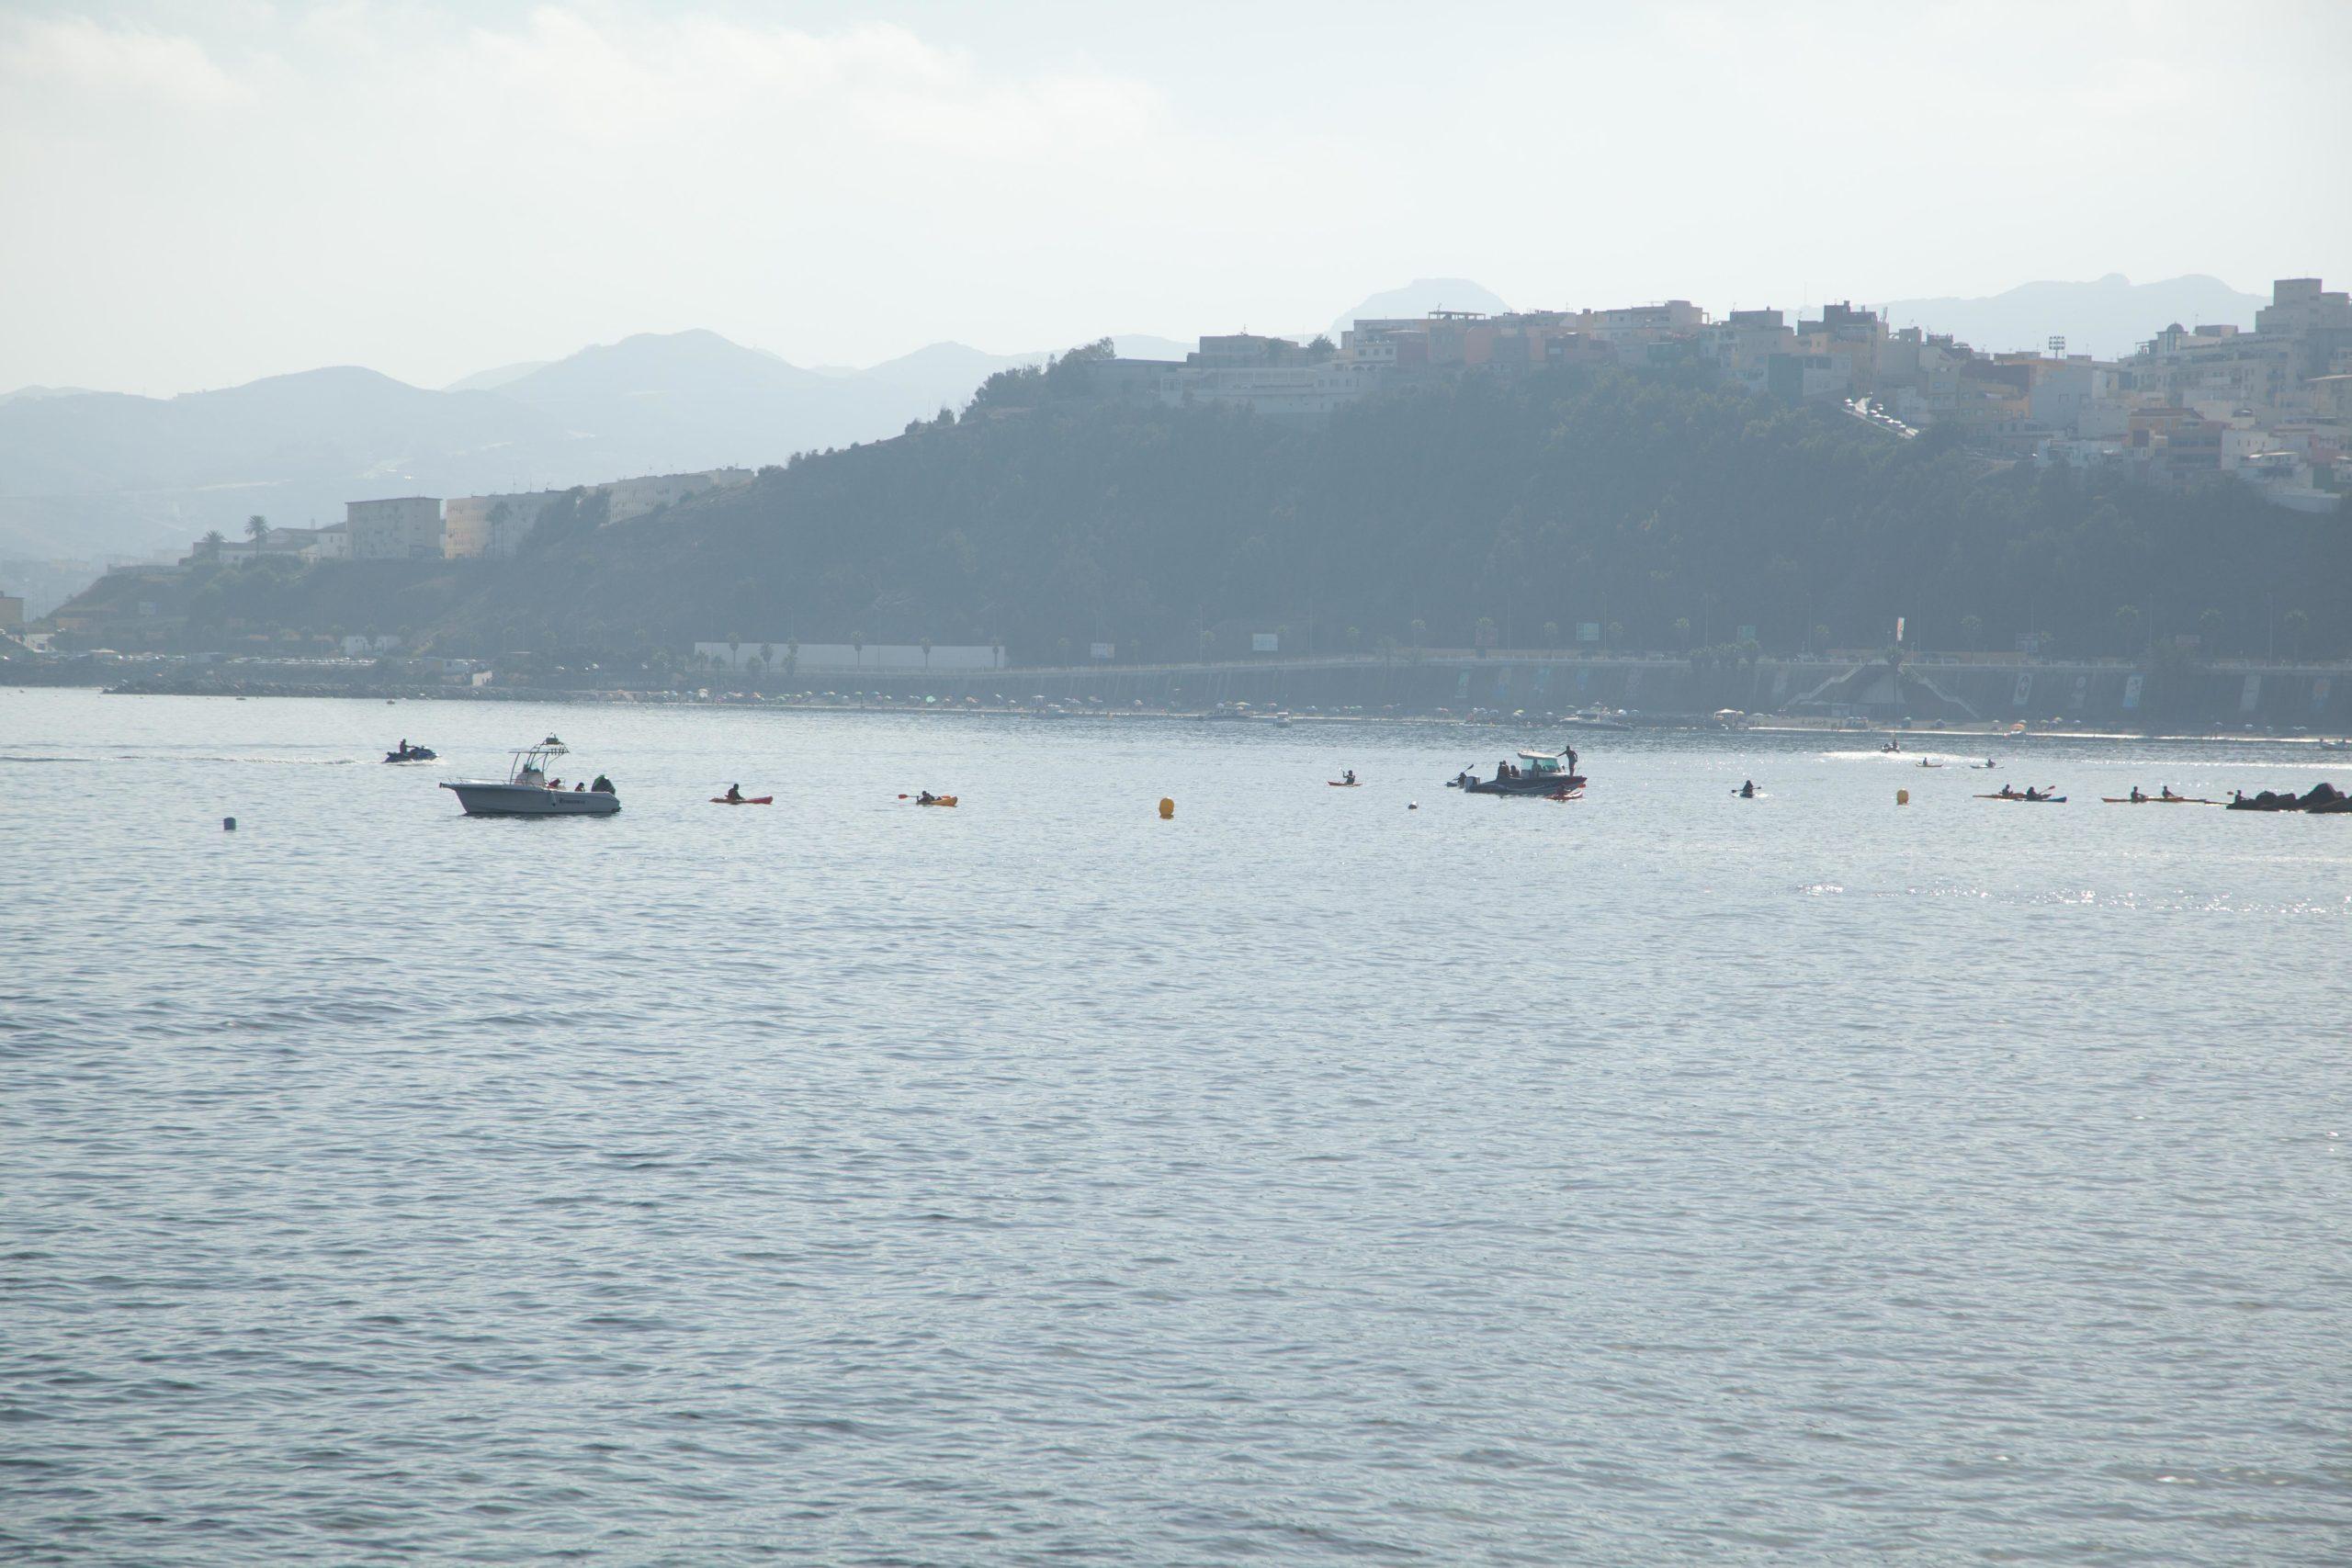 Canal de nado en Ceuta aguas abiertas